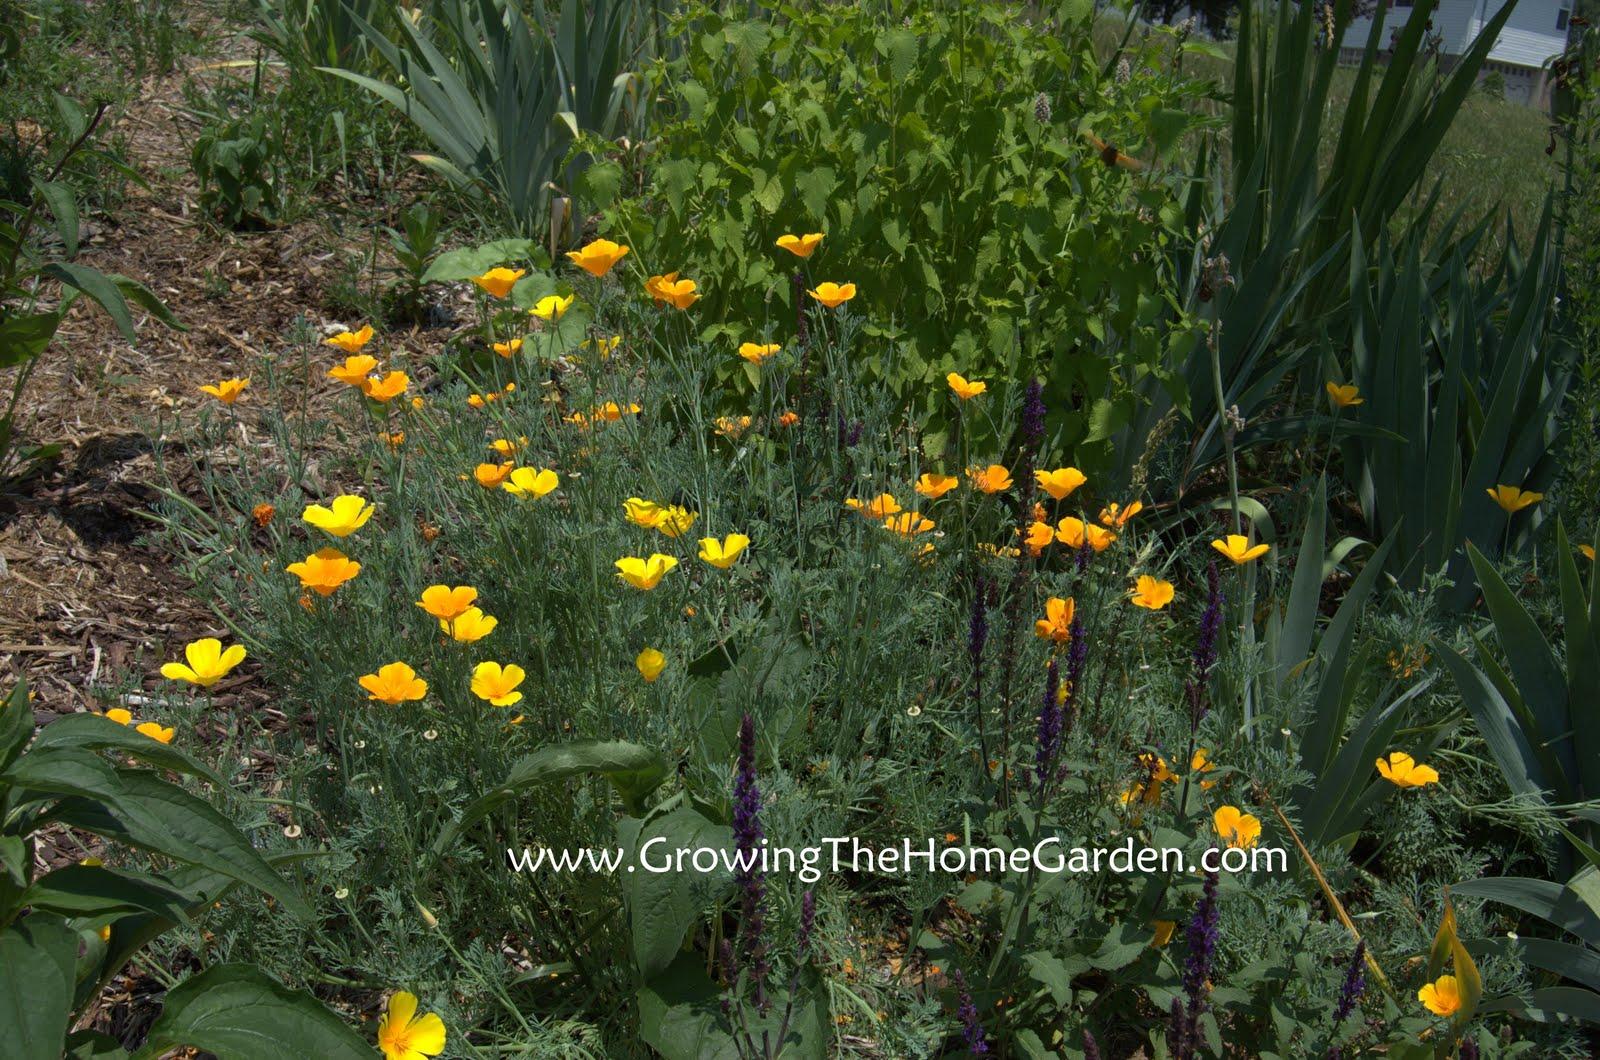 California Poppies Eschscholzia Californica Growing The Home Garden